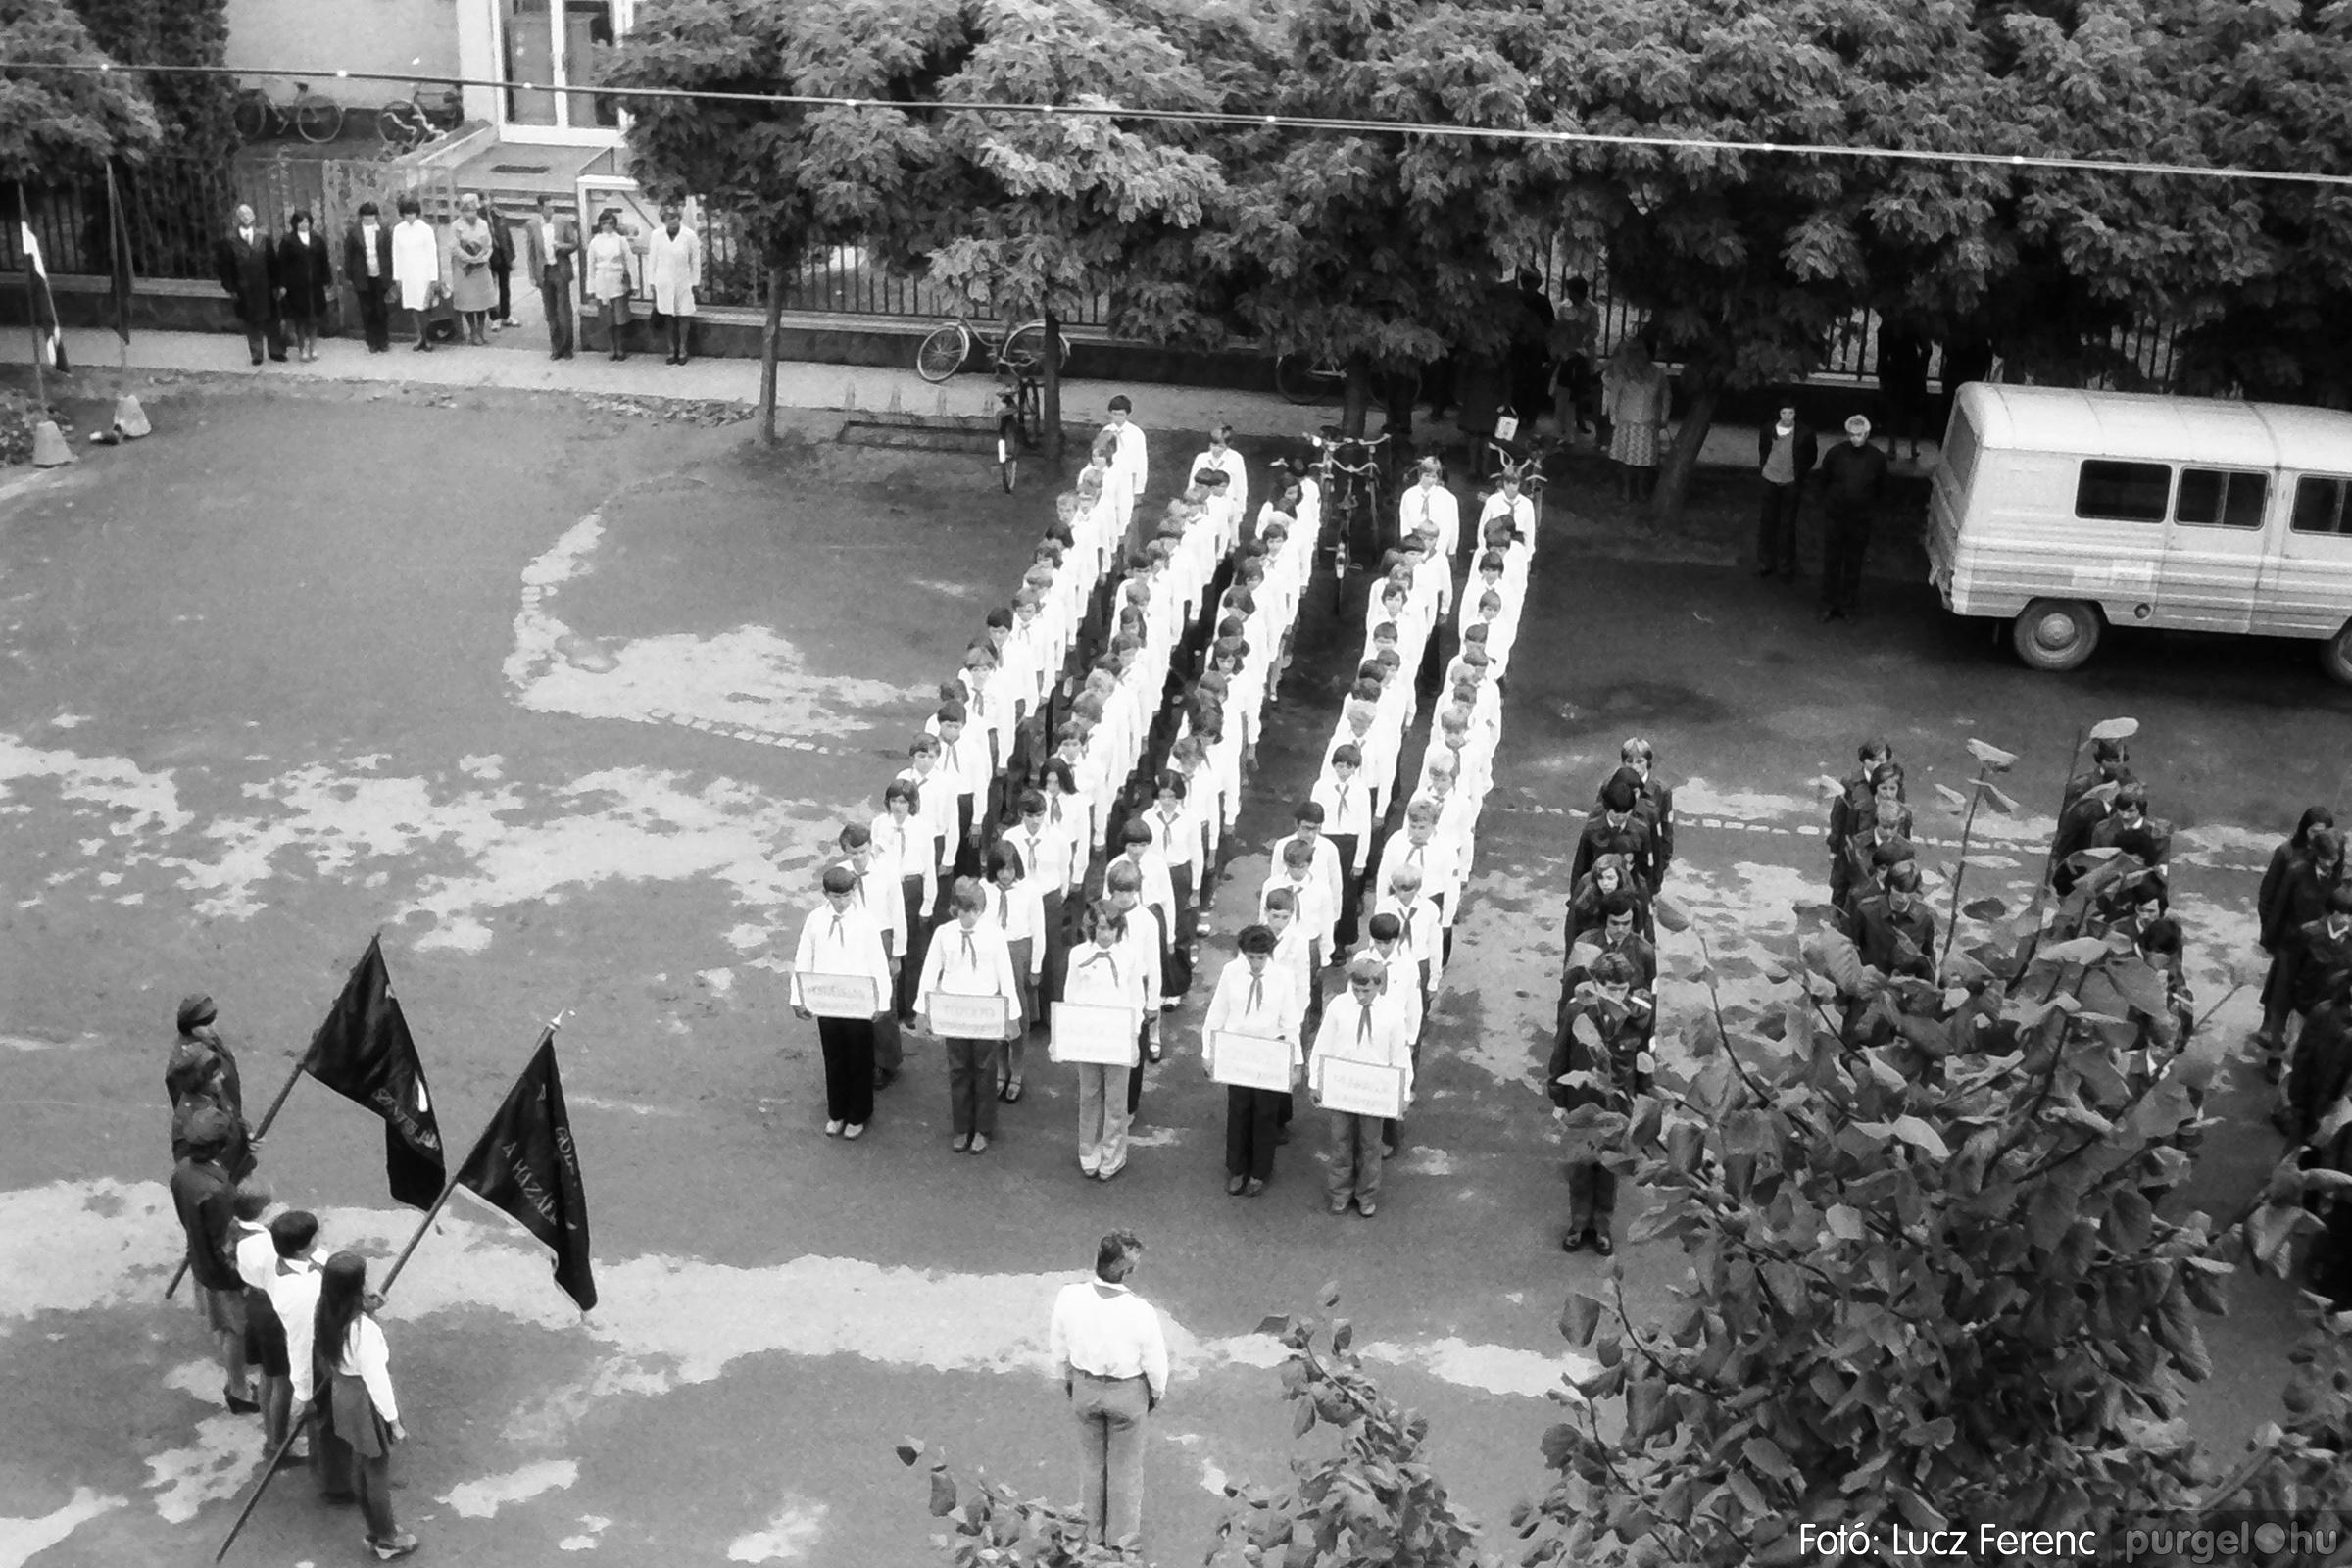 090. 1977. Úttörő gárda - ifjú gárda seregszemle 021. - Fotó: Lucz Ferenc.jpg